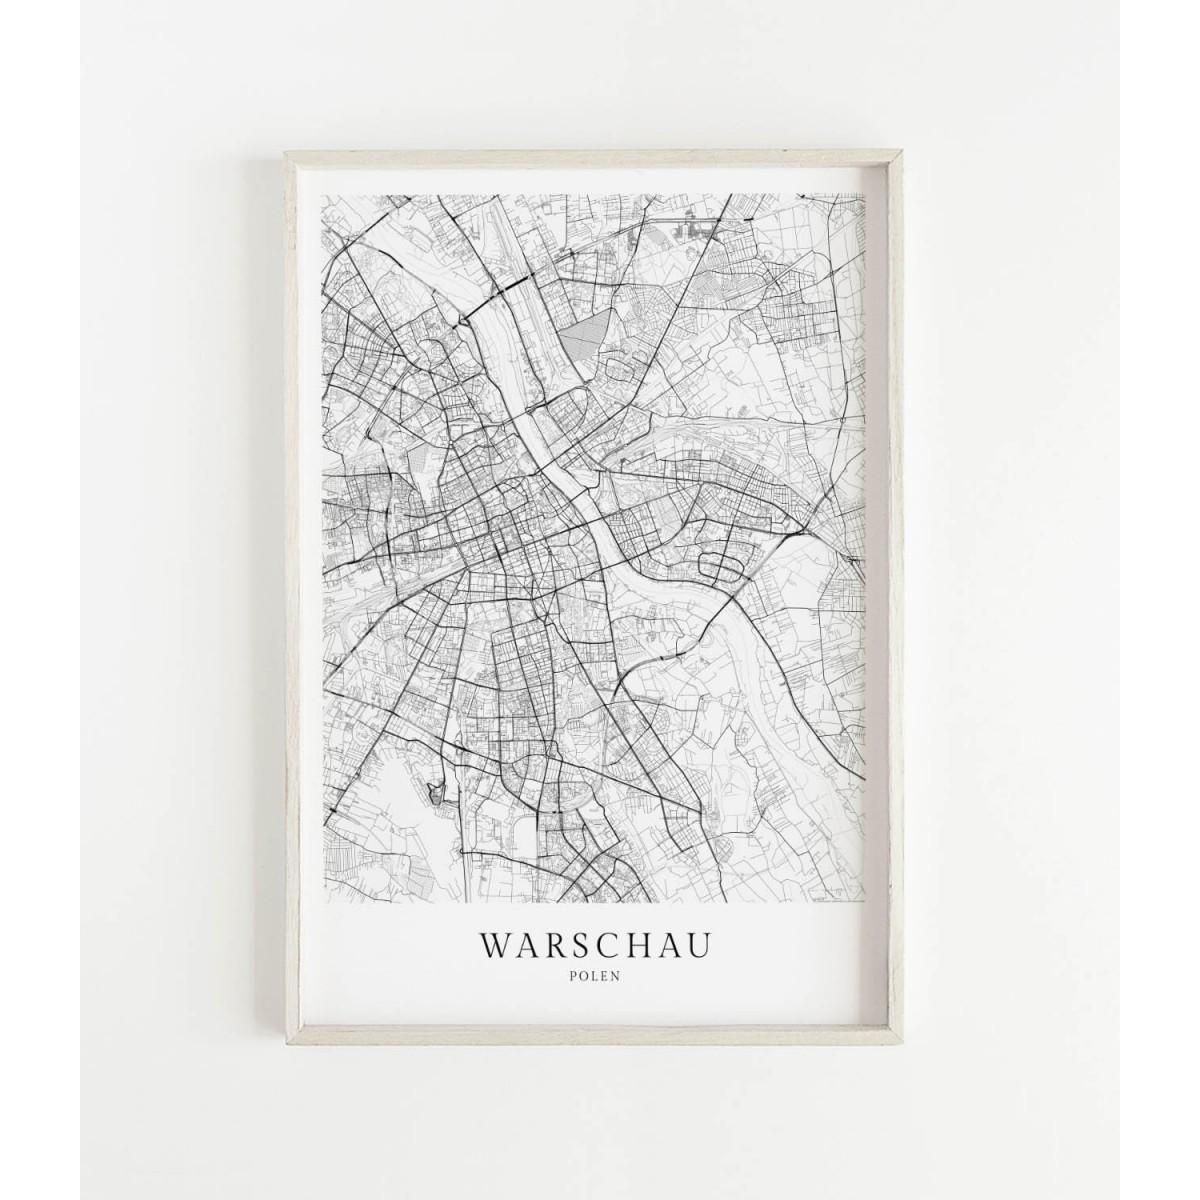 WARSCHAU als hochwertiges Poster im skandinavischen Stil von Skanemarie